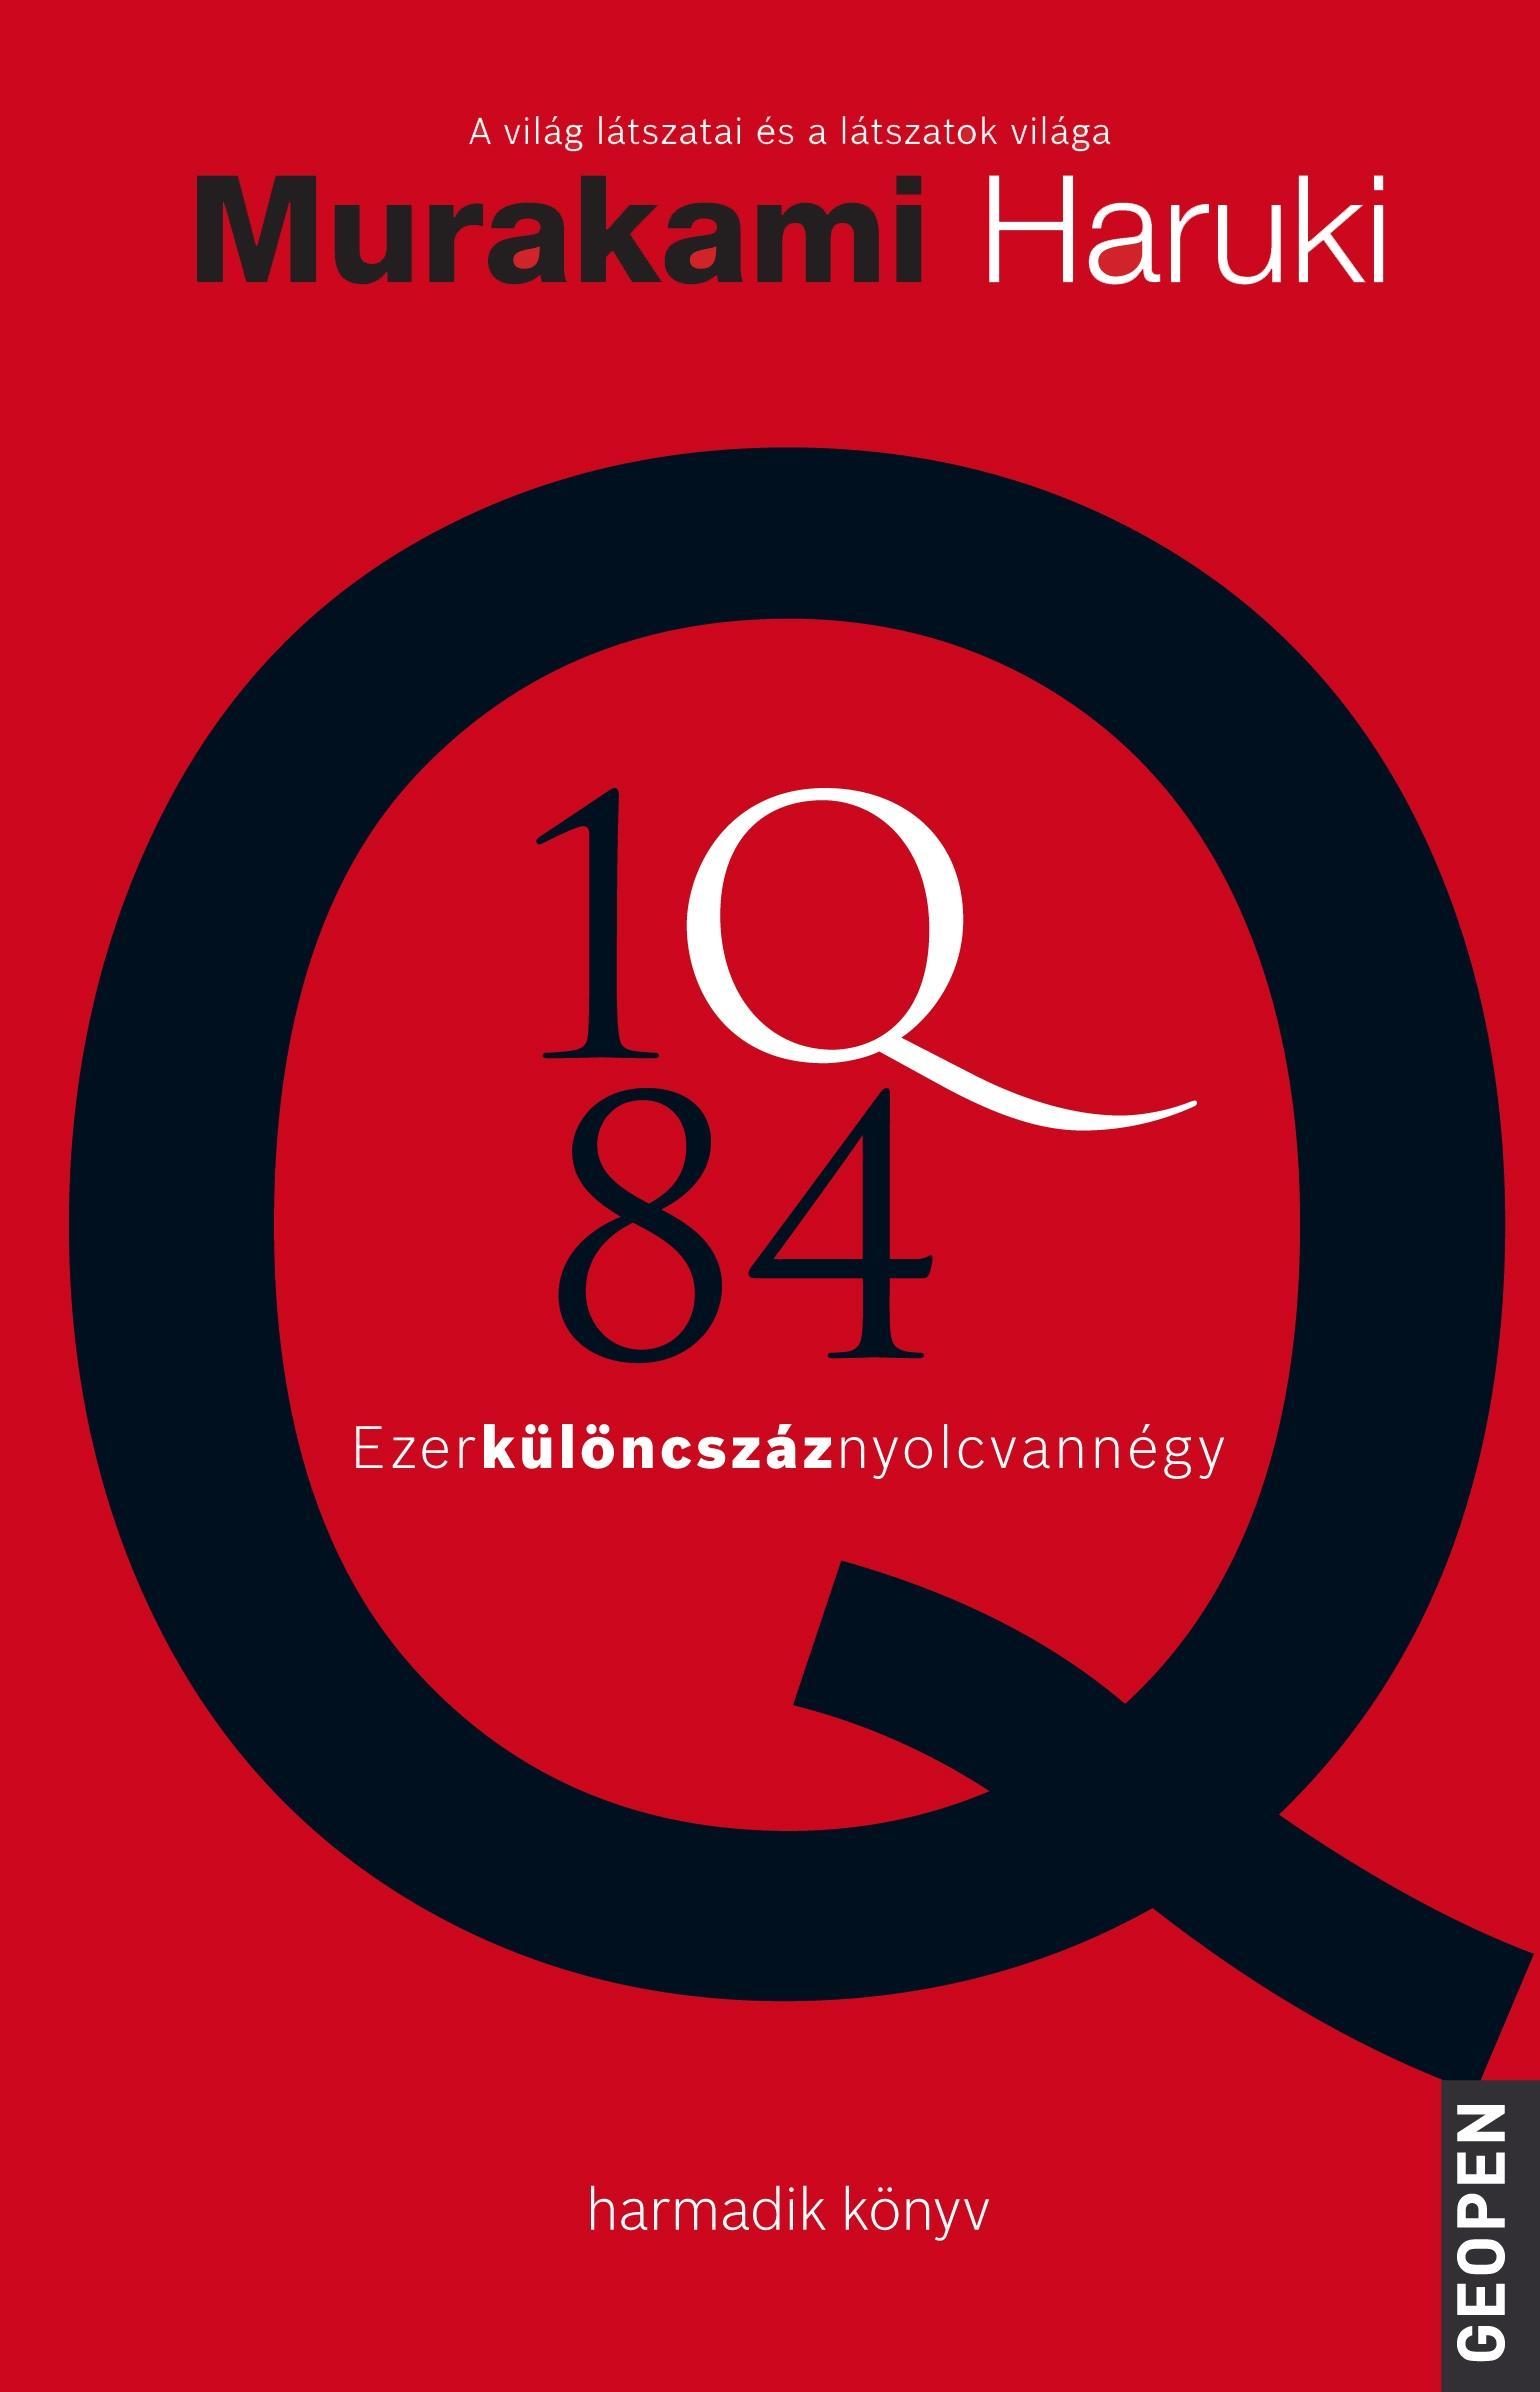 1Q84 - EZERKÜLÖNCSZÁZNYOLCVANNÉGY III.